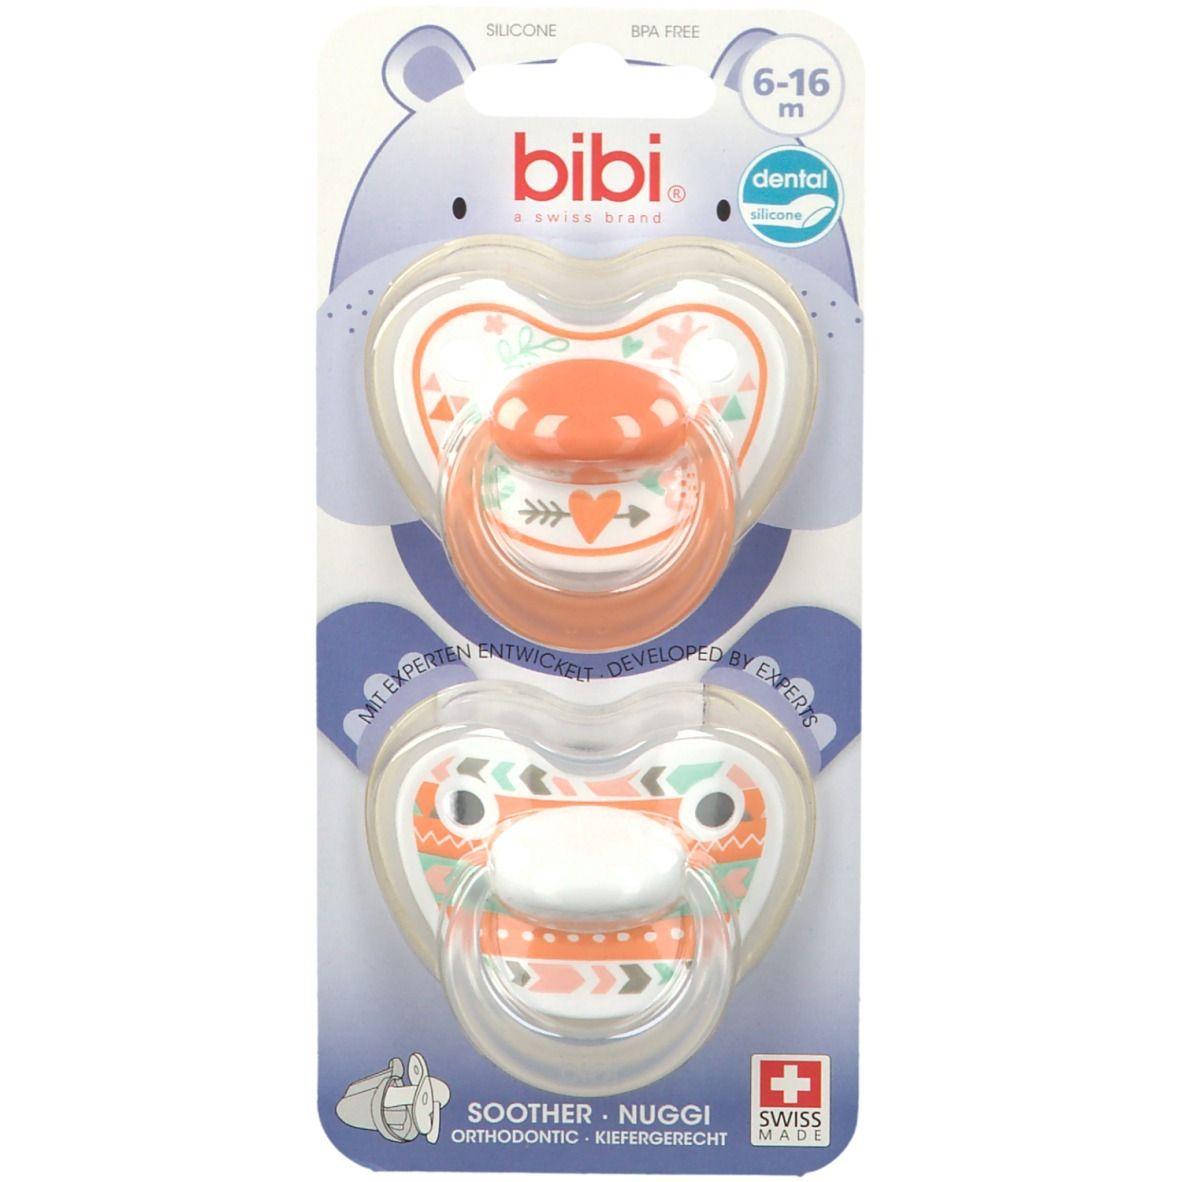 bibi® Happiness Tétine Dentale en silicone 6-16 mois (Couleur non sélectionnable)